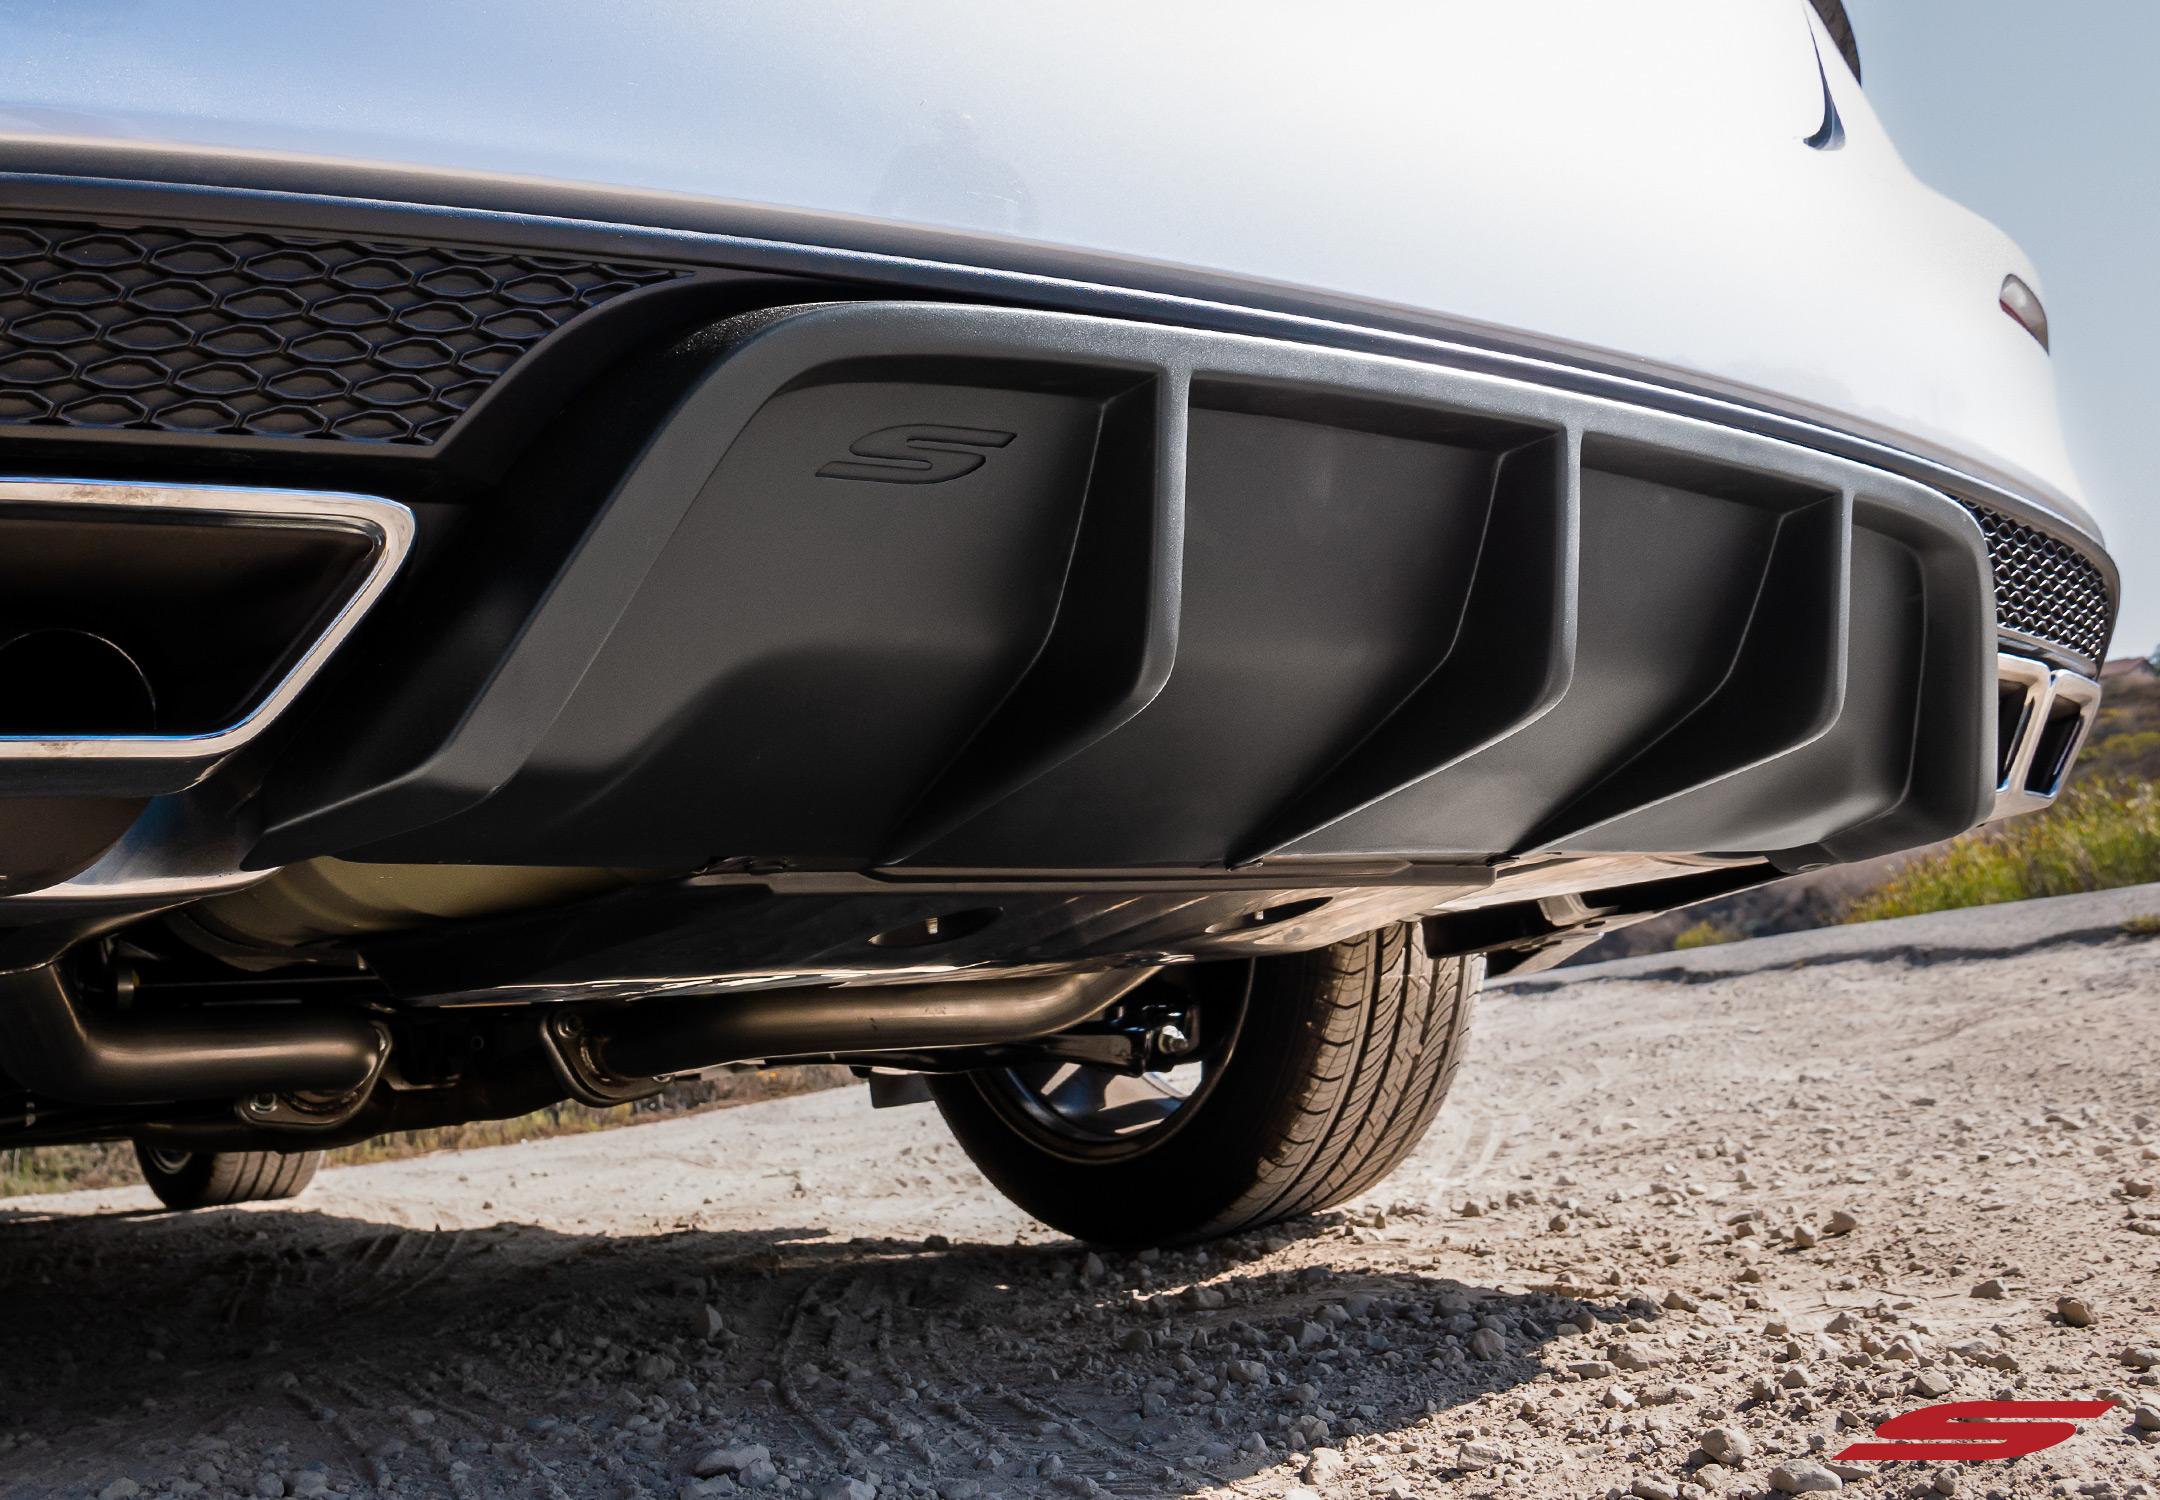 2019 Nissan Maxima STILLEN Rear Diffuser